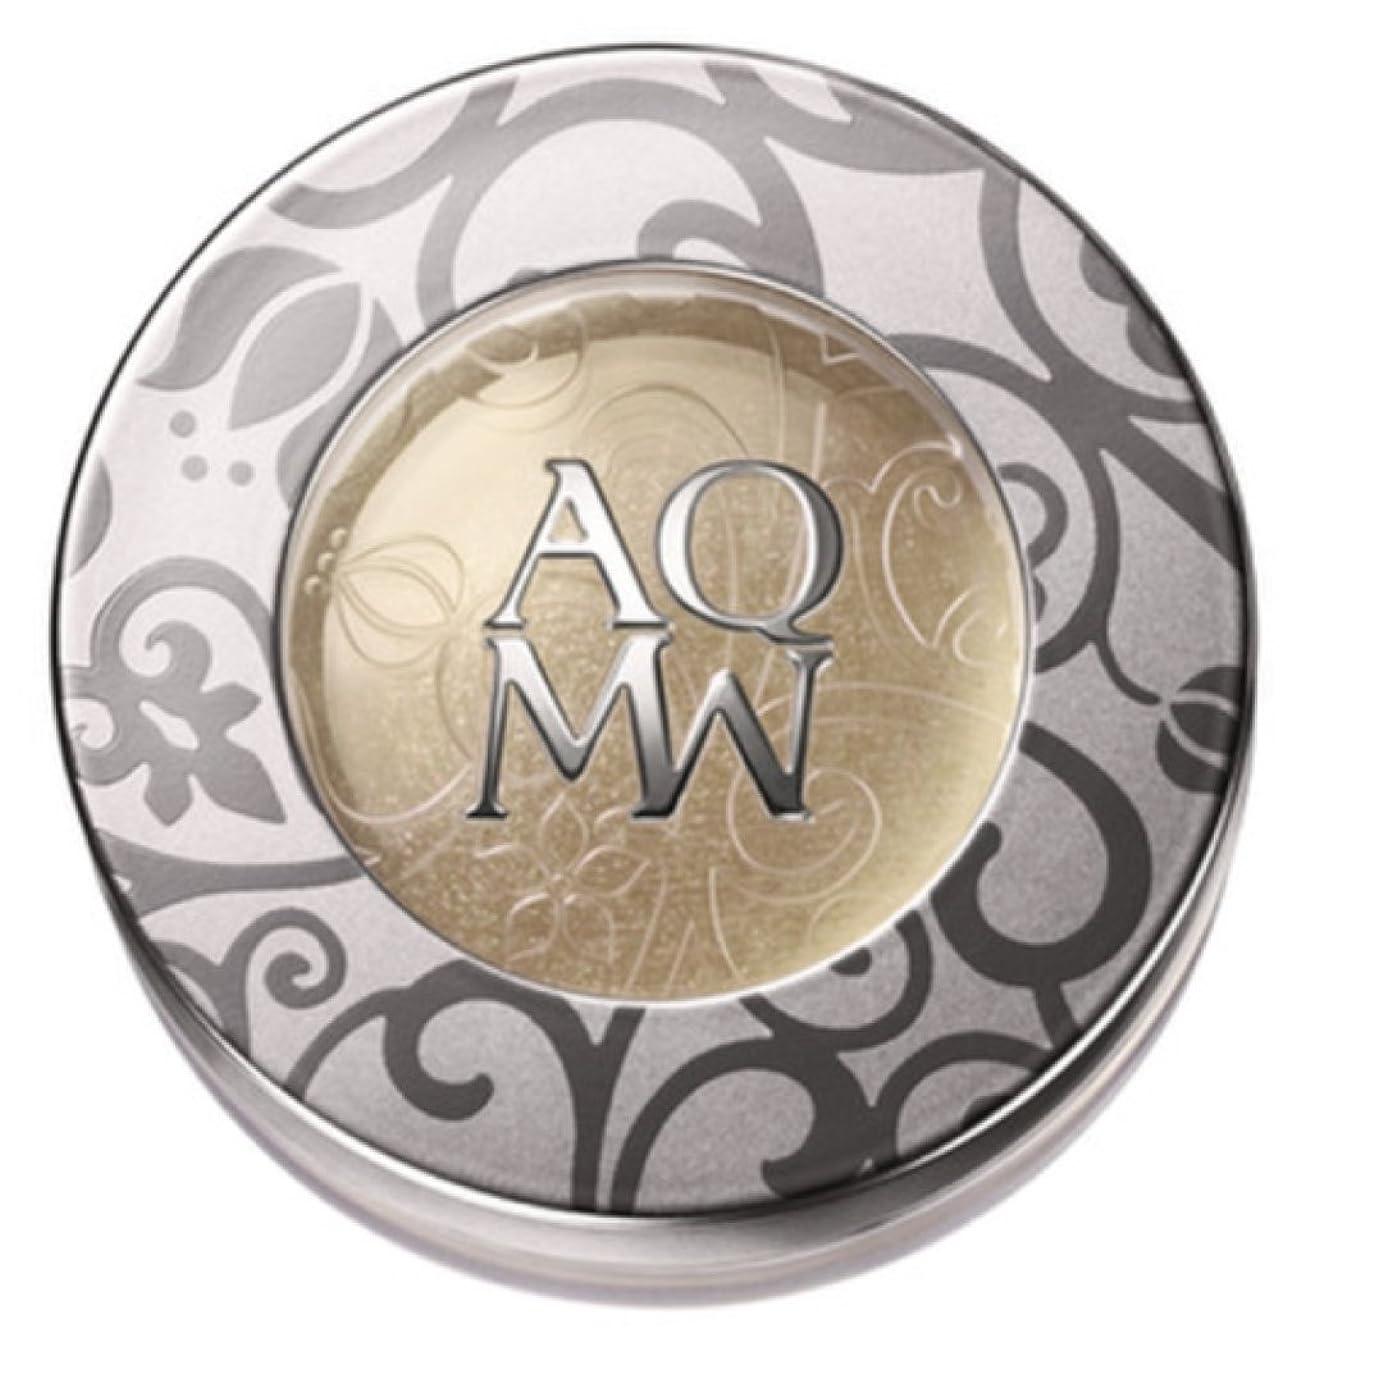 出席するスタジオ真鍮コスメデコルテ AQ MW アイグロウ ジェム GD083